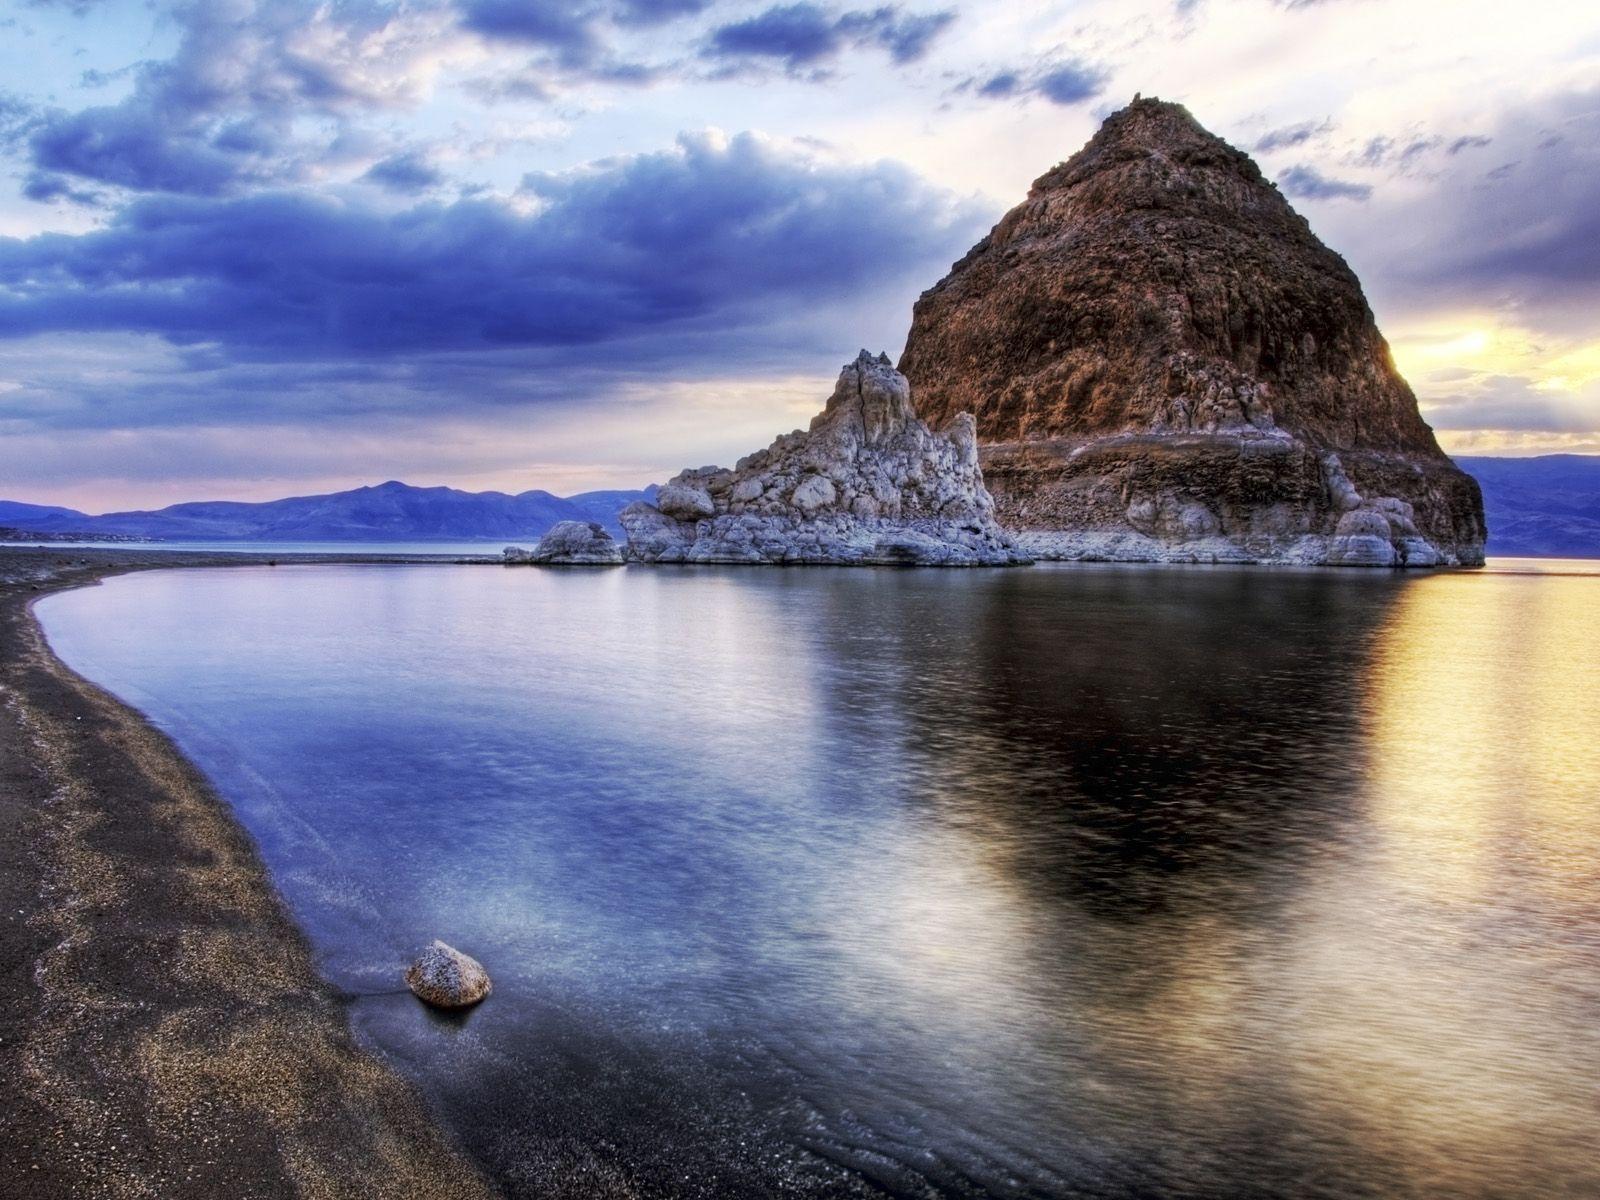 Sunset At Pyramid Lake Nevada